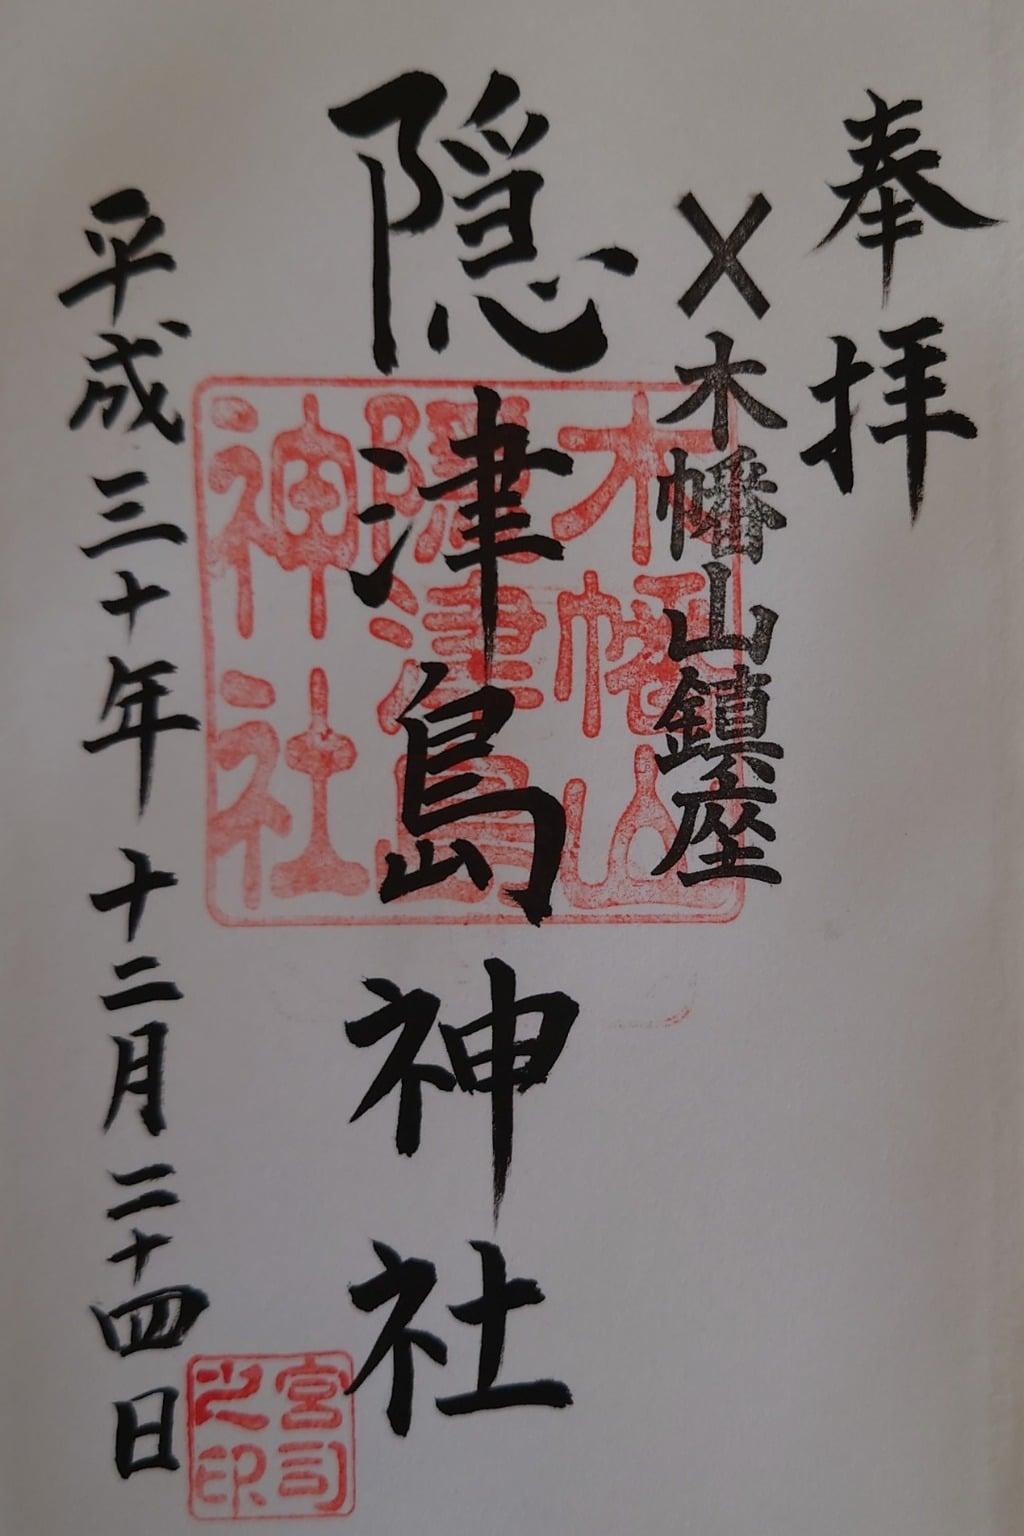 木幡山隠津島神社(二本松市)の御朱印